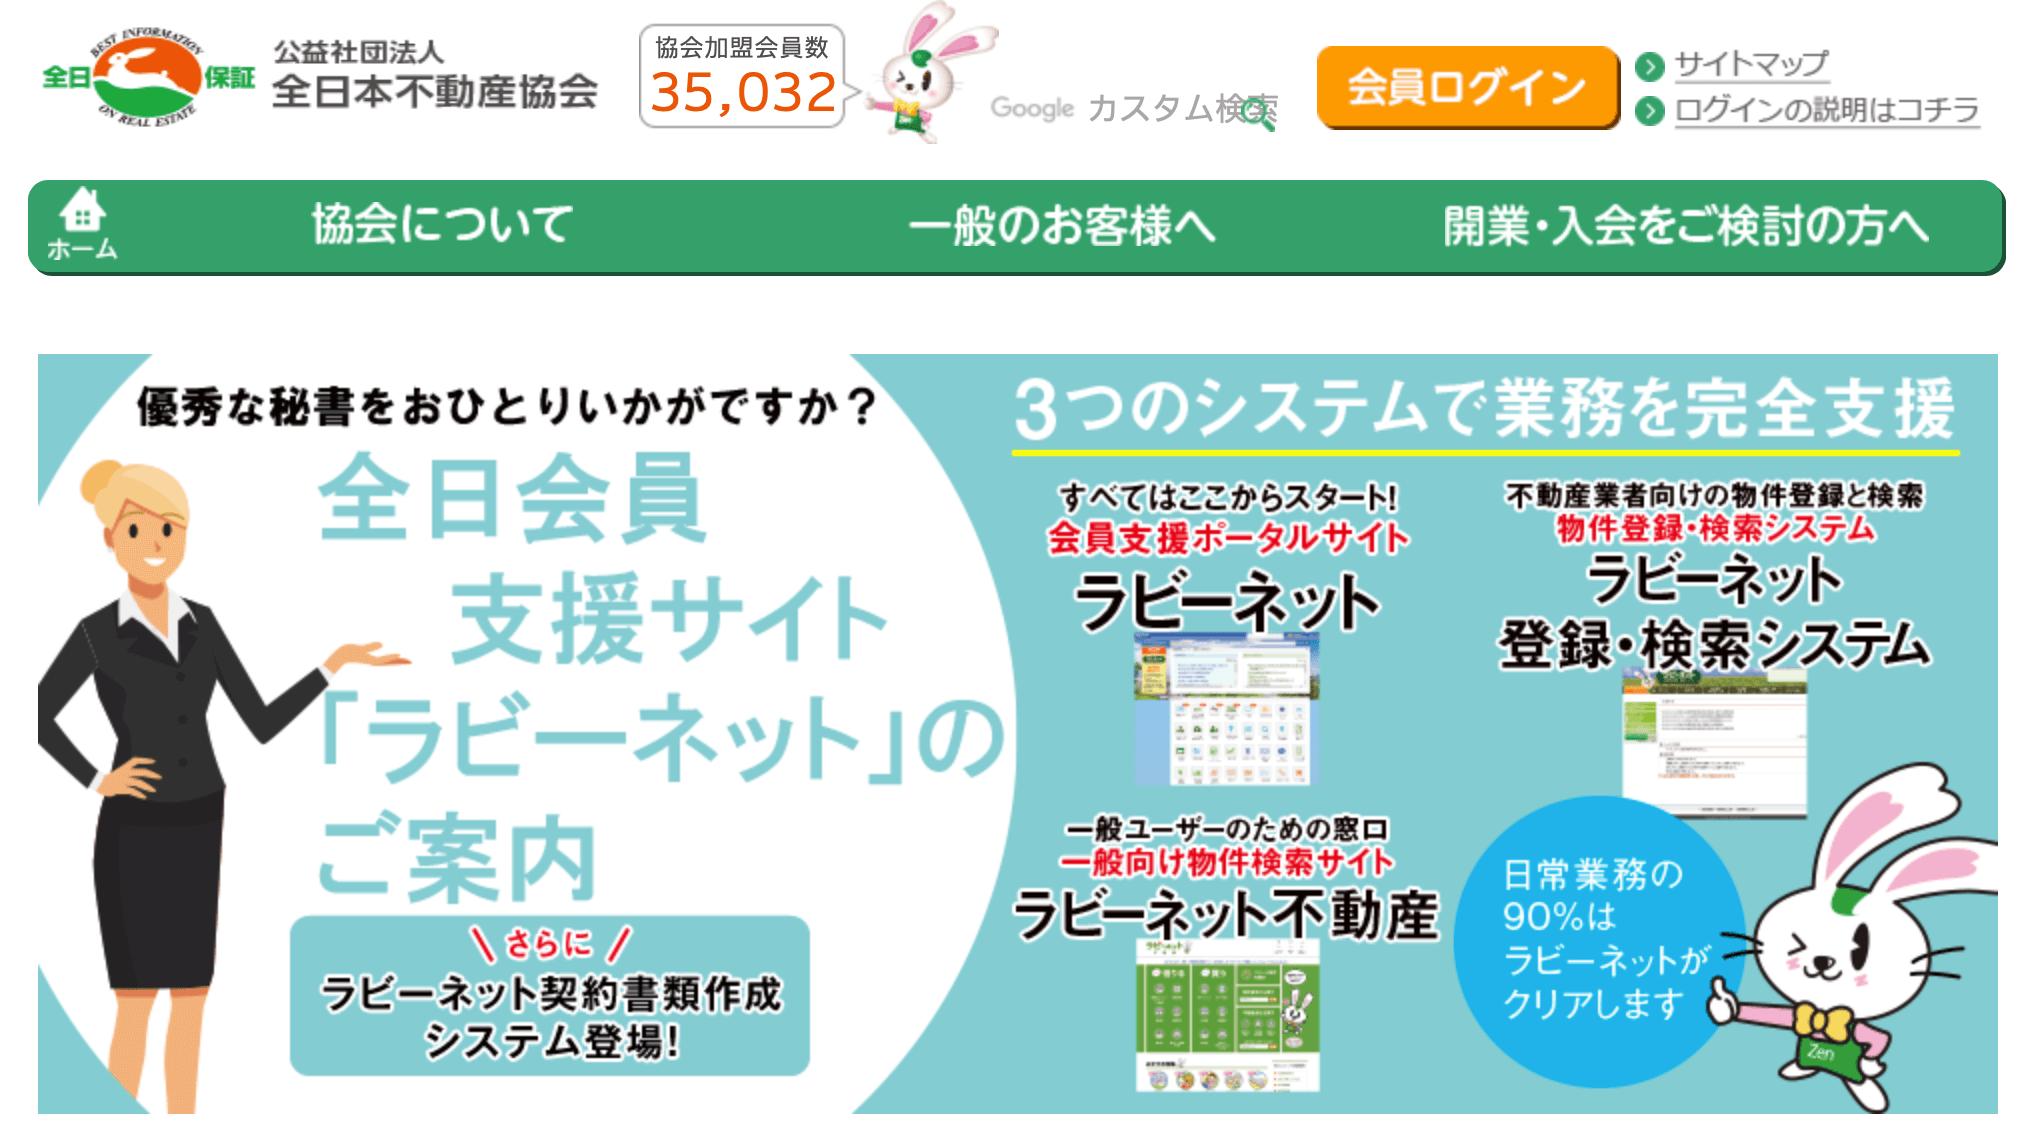 全日本不動産協会の公式HP